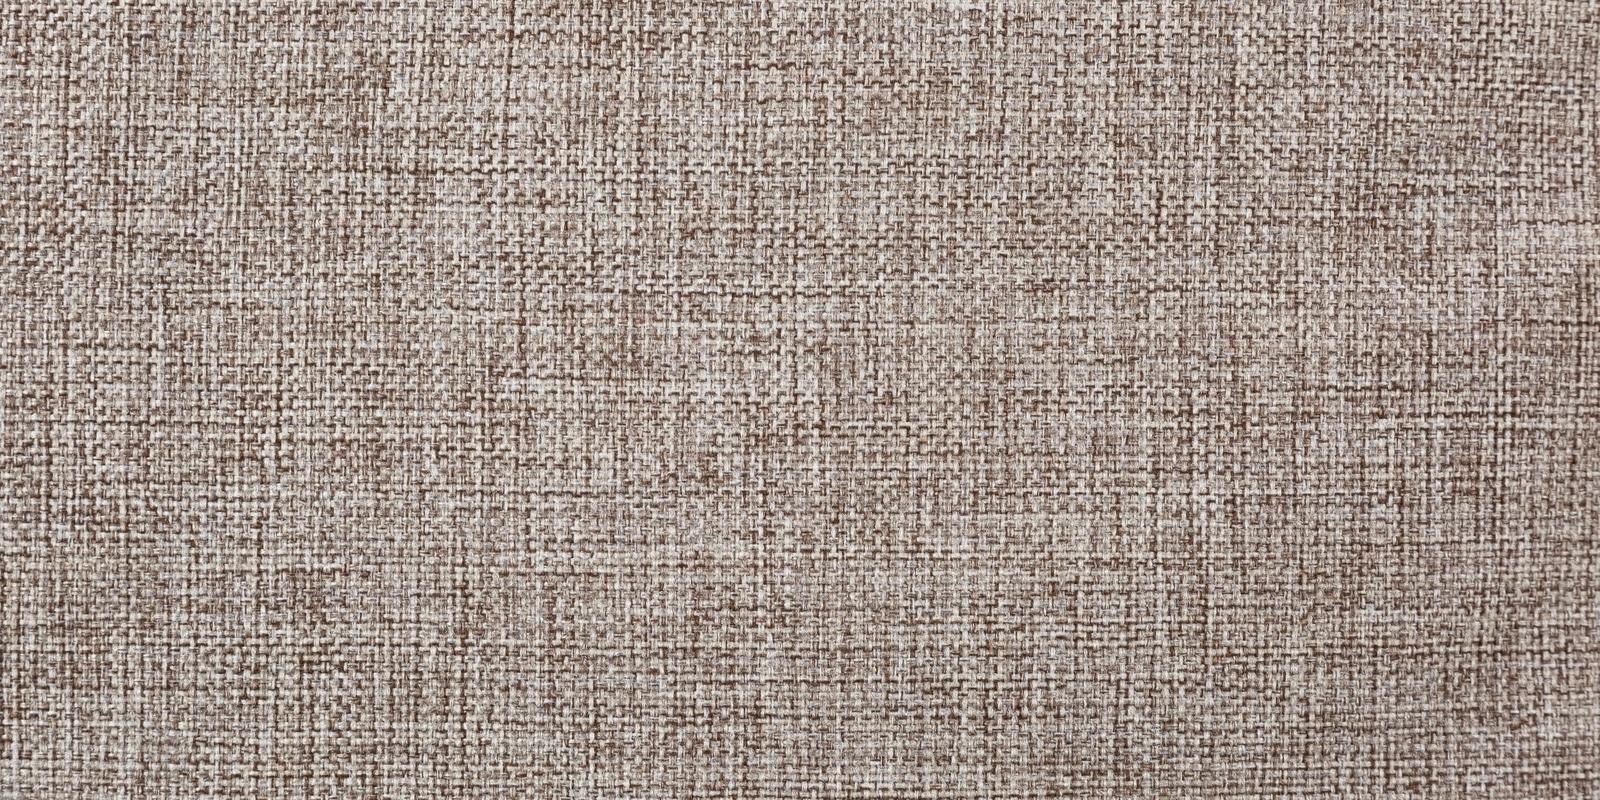 Диван Парма коричневый с бежевым рогожка фото 6   интернет-магазин Складно